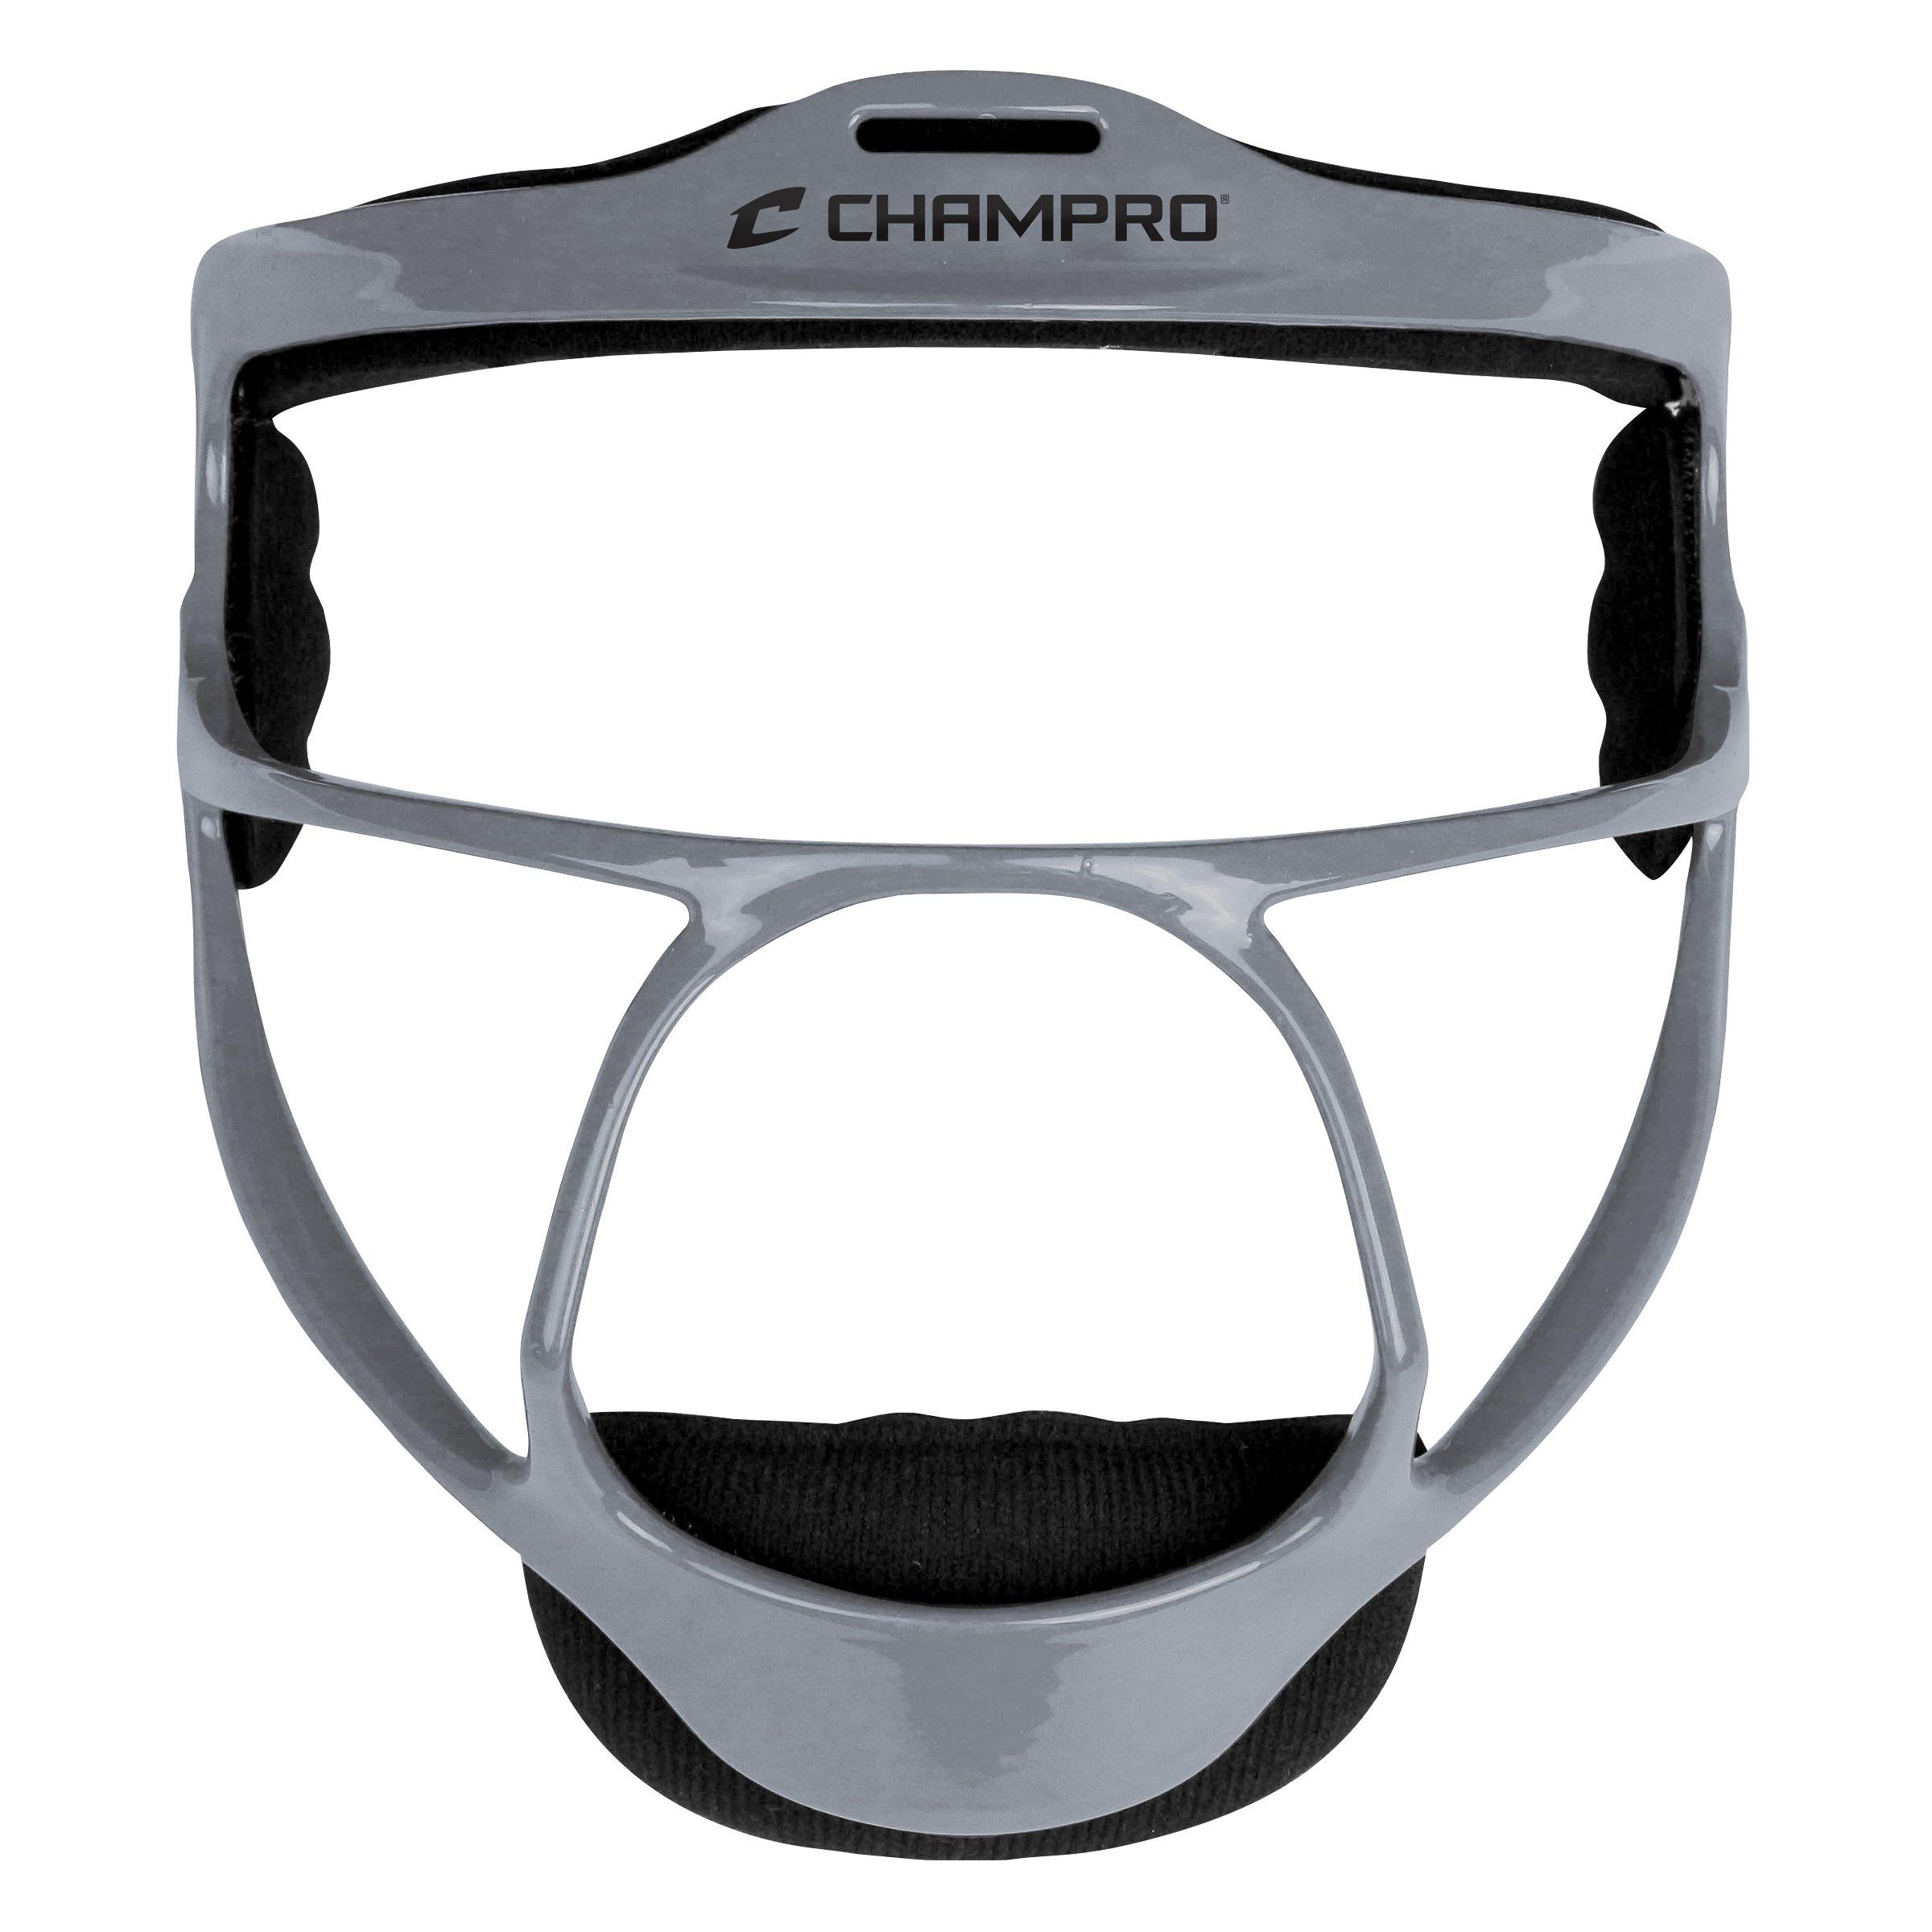 CHAMPRO Rampage Ultralight Softball Fielders Mask by CHAMPRO